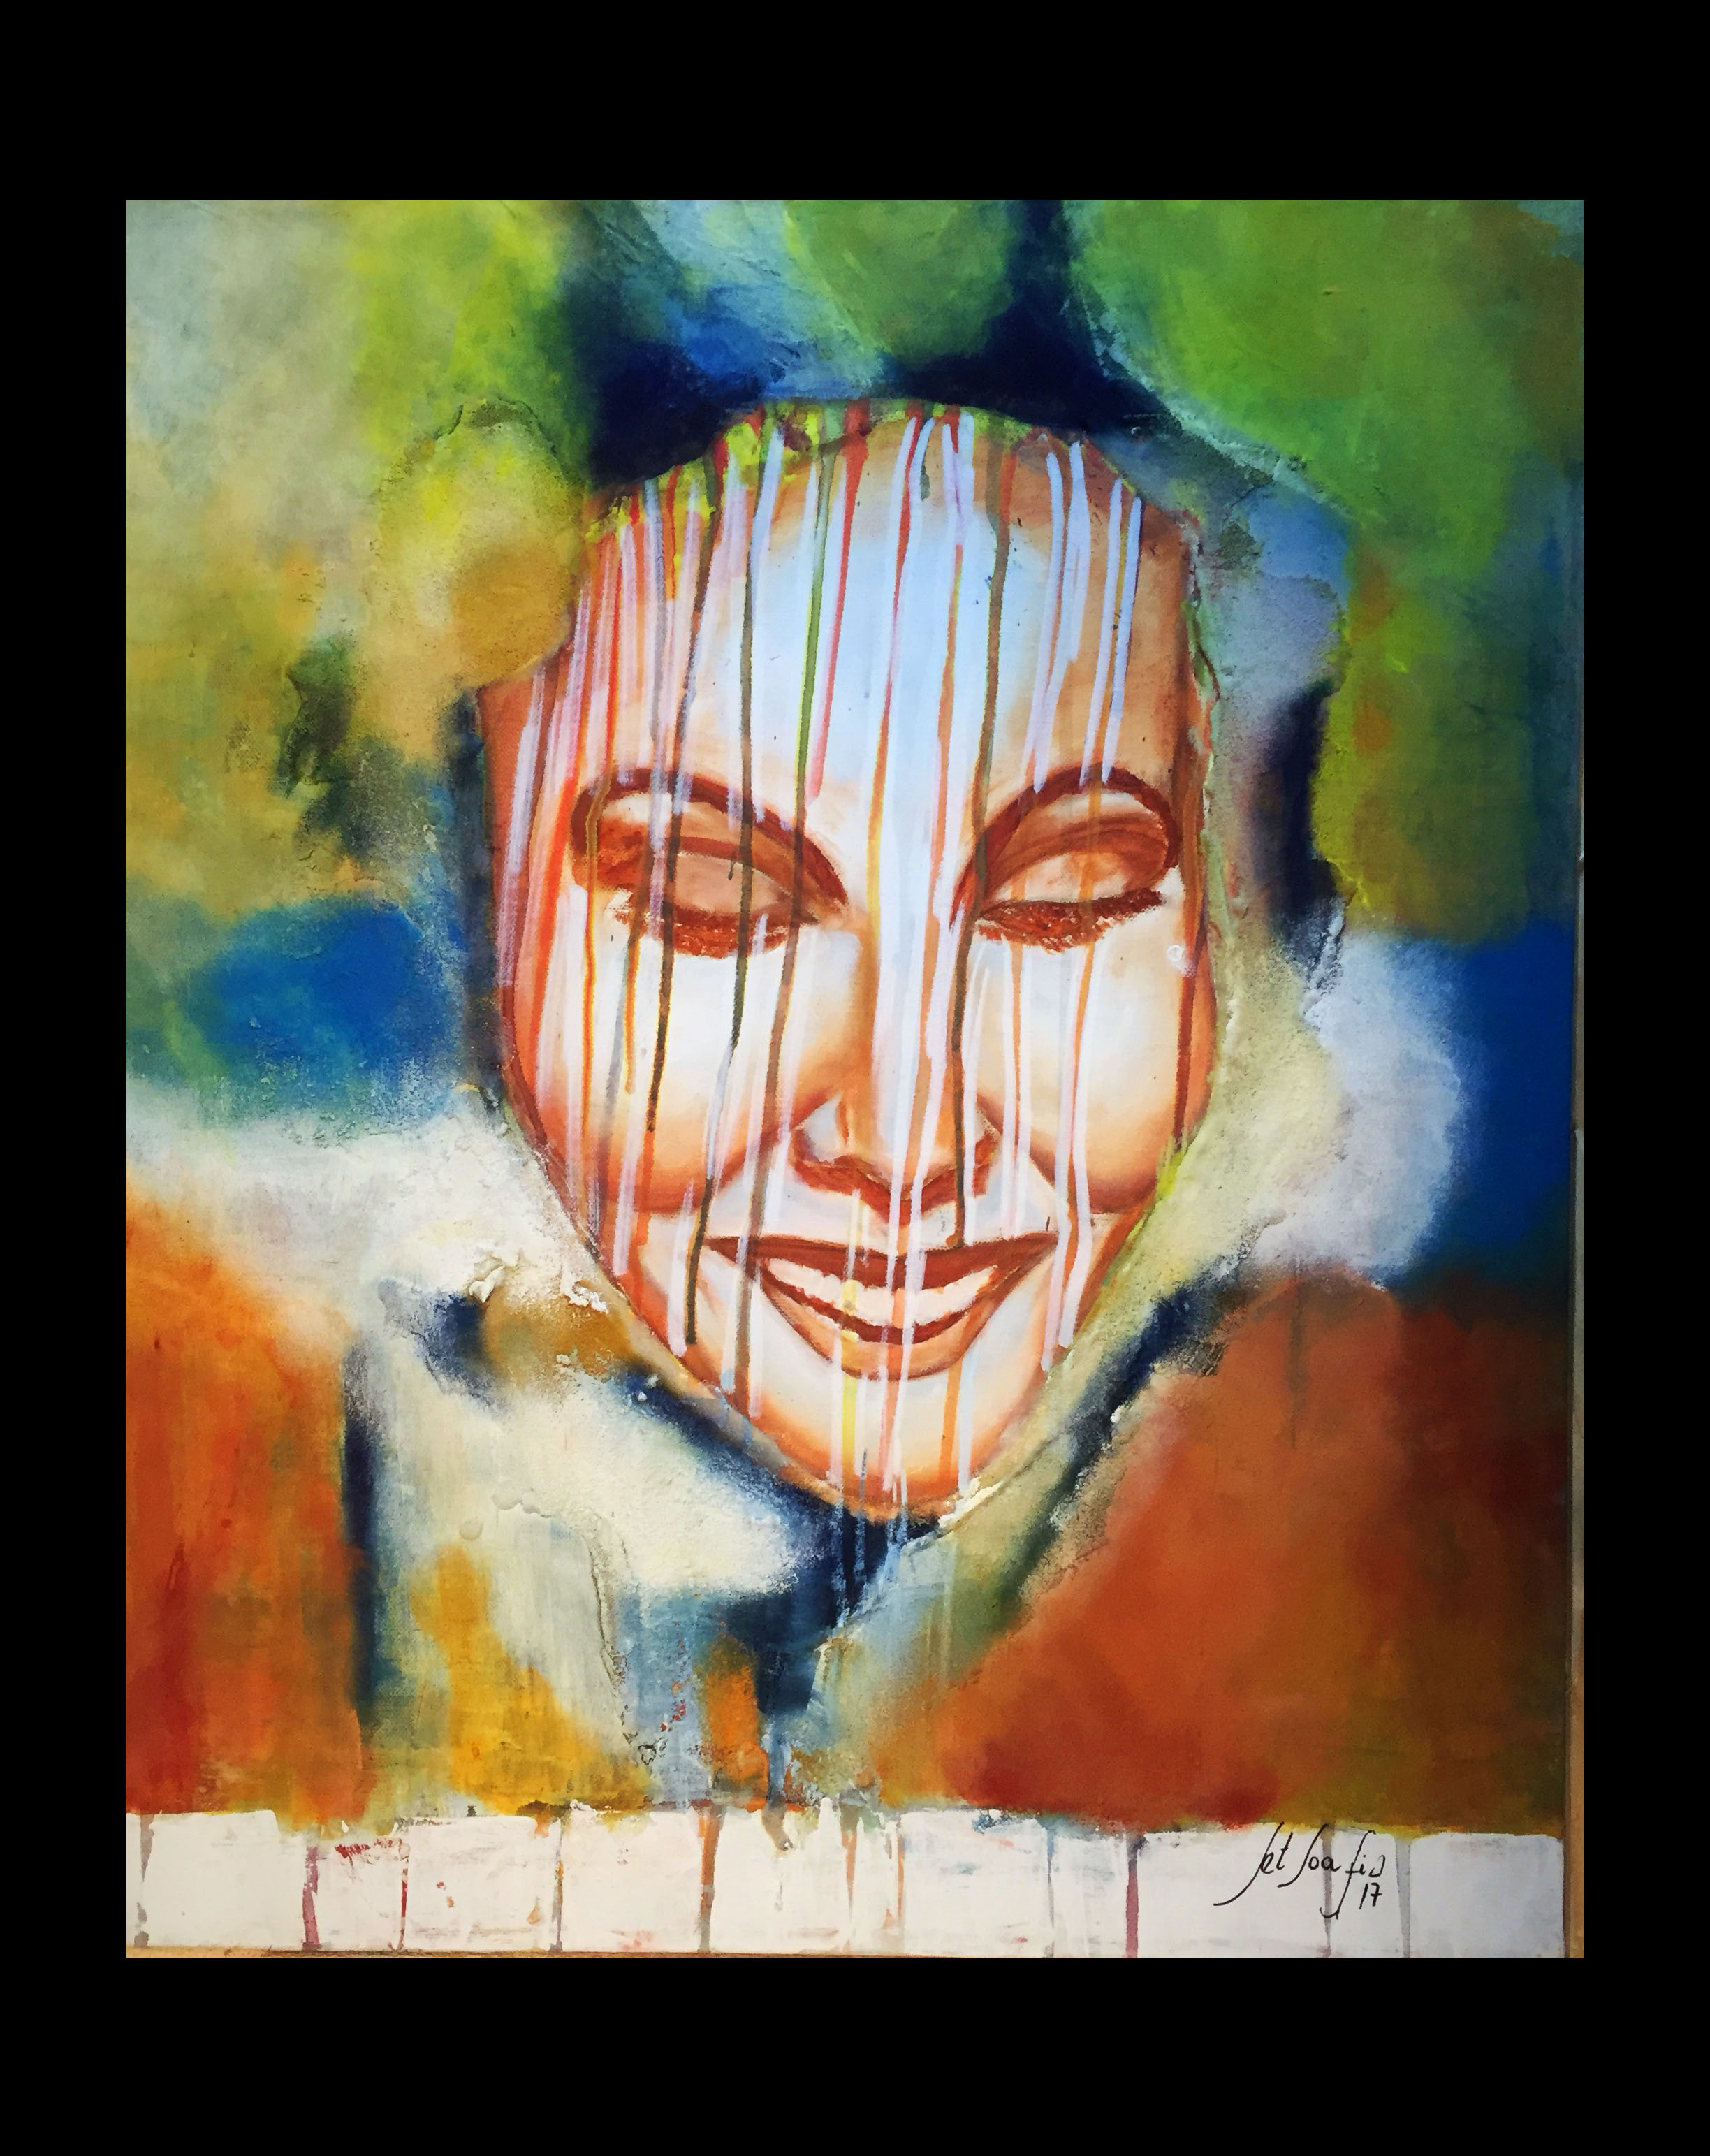 Site Des Artistes Peintres 2016-2018 | artiste peintre togolais